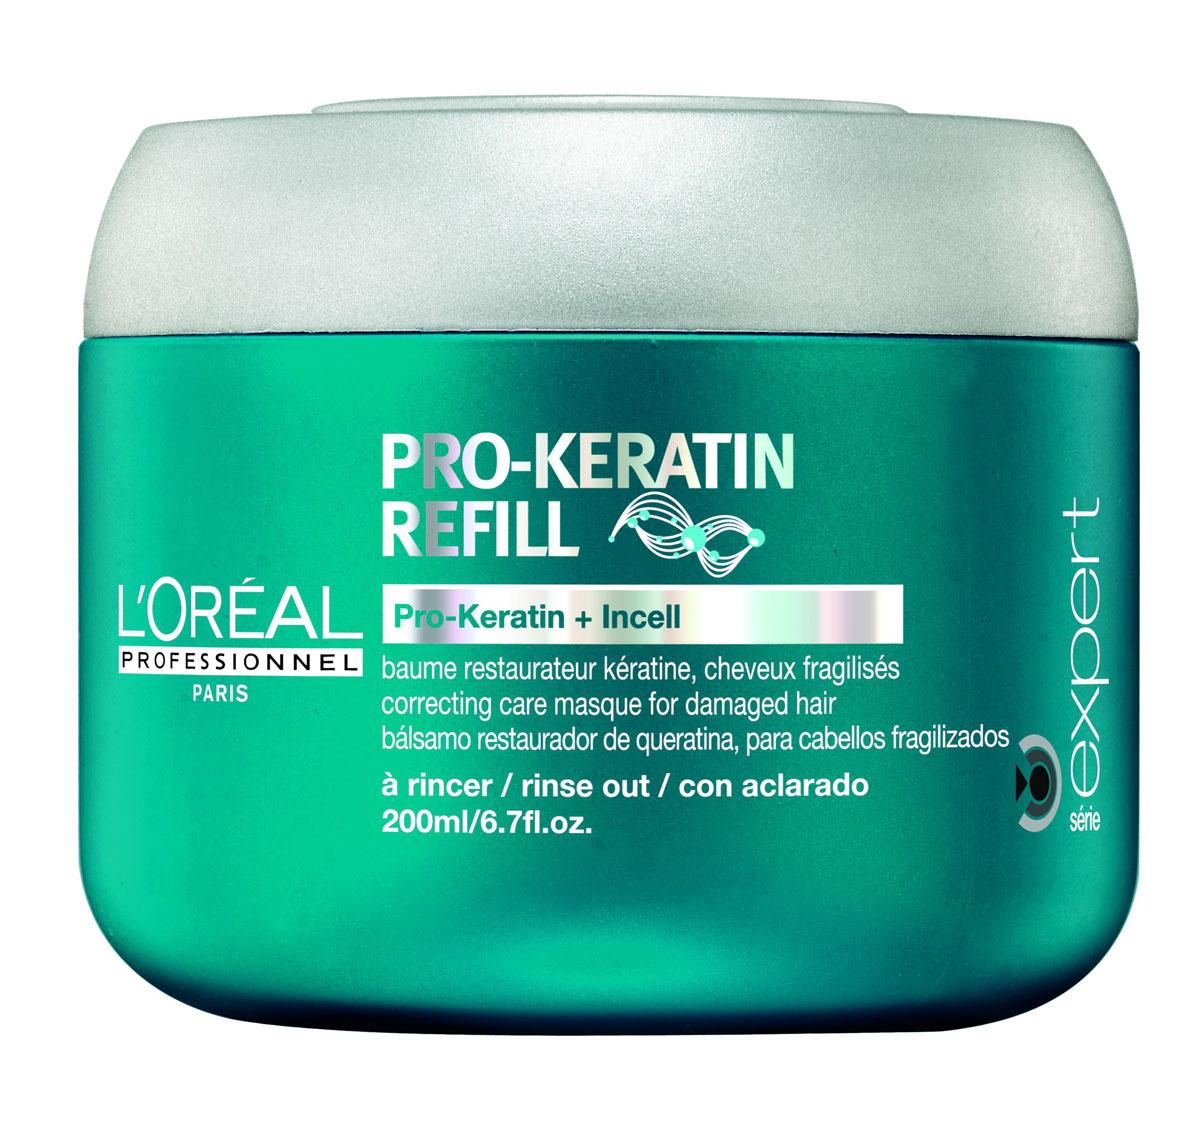 LOreal Professionnel Восстанавливающая и укрепляющая маска для поврежденных волос Expert Pro-Keratin Refill Masque - 200 млE0526082Питательная маска от Lоreal Professionnel глубоко проникает вглубь волоса и пополняет его поврежденную структуру. Обладает интенсивными питательными и лечебными свойствами. Устраняет сечение кончиков и спутывание, облегчая расчесывание. Укрепляет волосяной фолликул и уплотняет волосы. Препятствуя чрезмерному выпадению волос, способствуя здоровому росту волос. Устраняет нежелательную пушистость и делает волосы послушными. Придает дополнительный блеск, необходимую гладкость и шелковистость. Восстанавливает поврежденные чешуйки волос, интенсивно питает, защищает от негативного воздействия среды. Исследования показали, что волосы на 70% становятся менее ломкими и хрупкими. Активные компоненты: Pro-кератин, молекулы Incell, протеины пшеницы, аргинин, фруктовые экстракты.